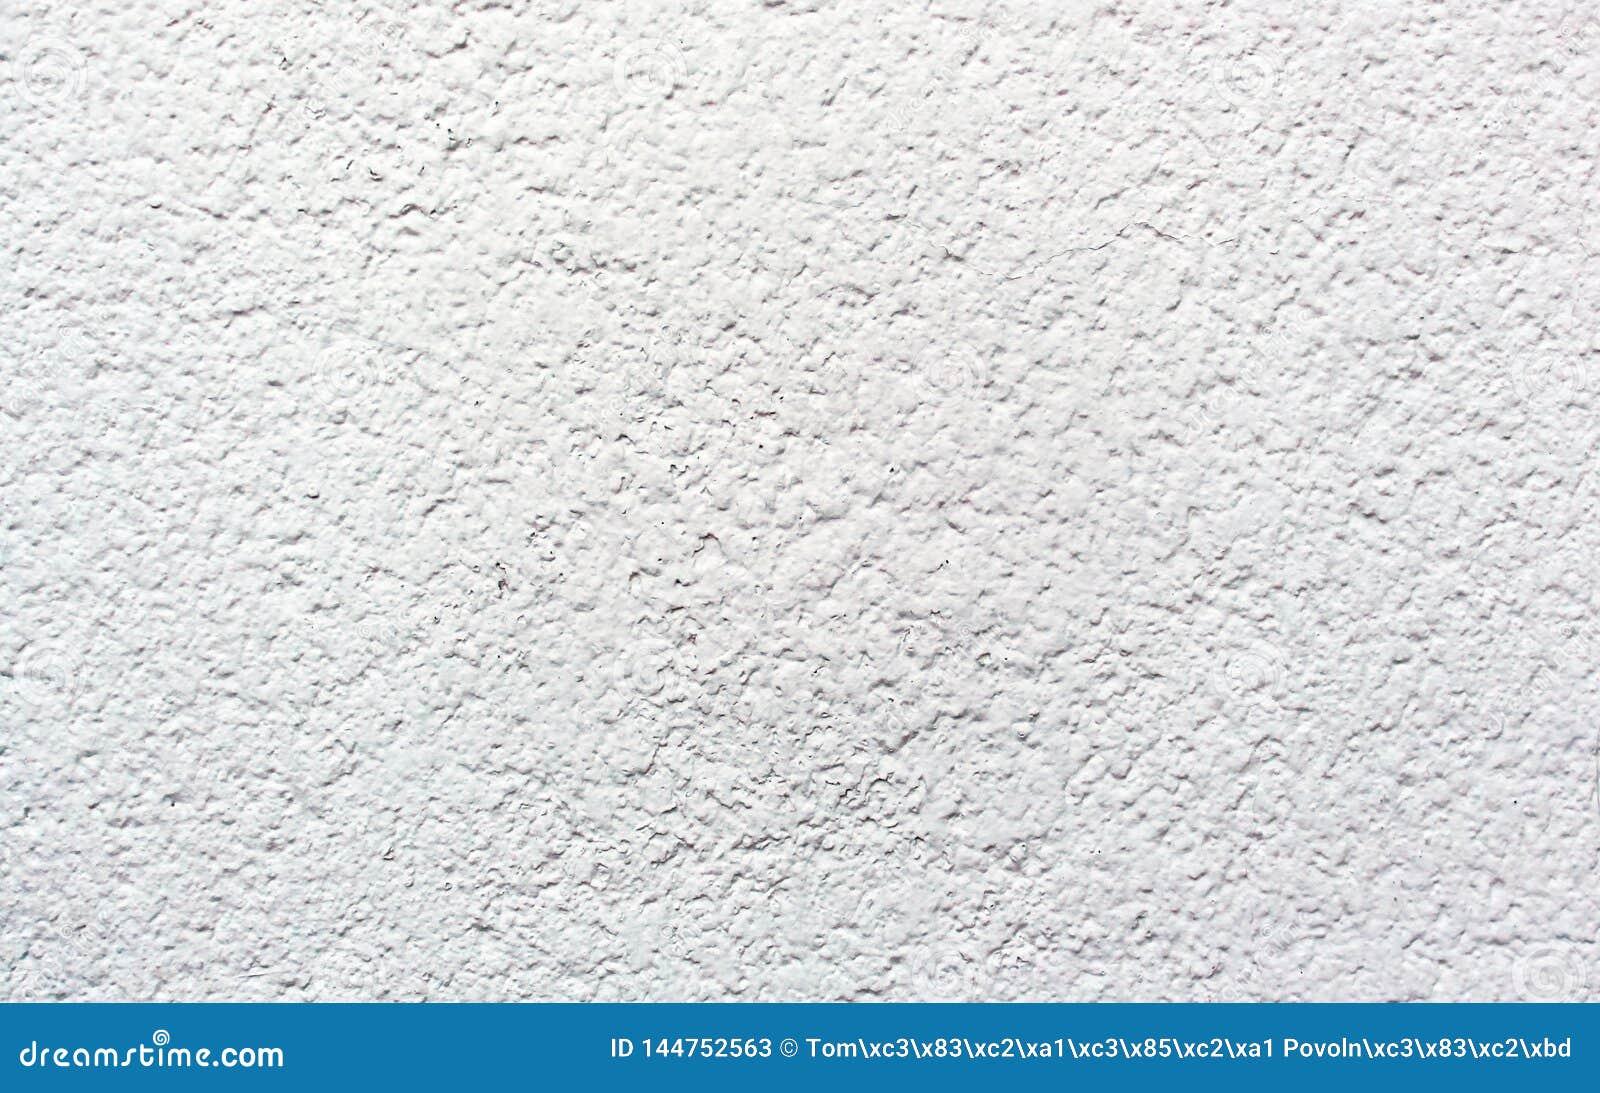 白水泥老墙壁纹理涂灰泥的灰泥